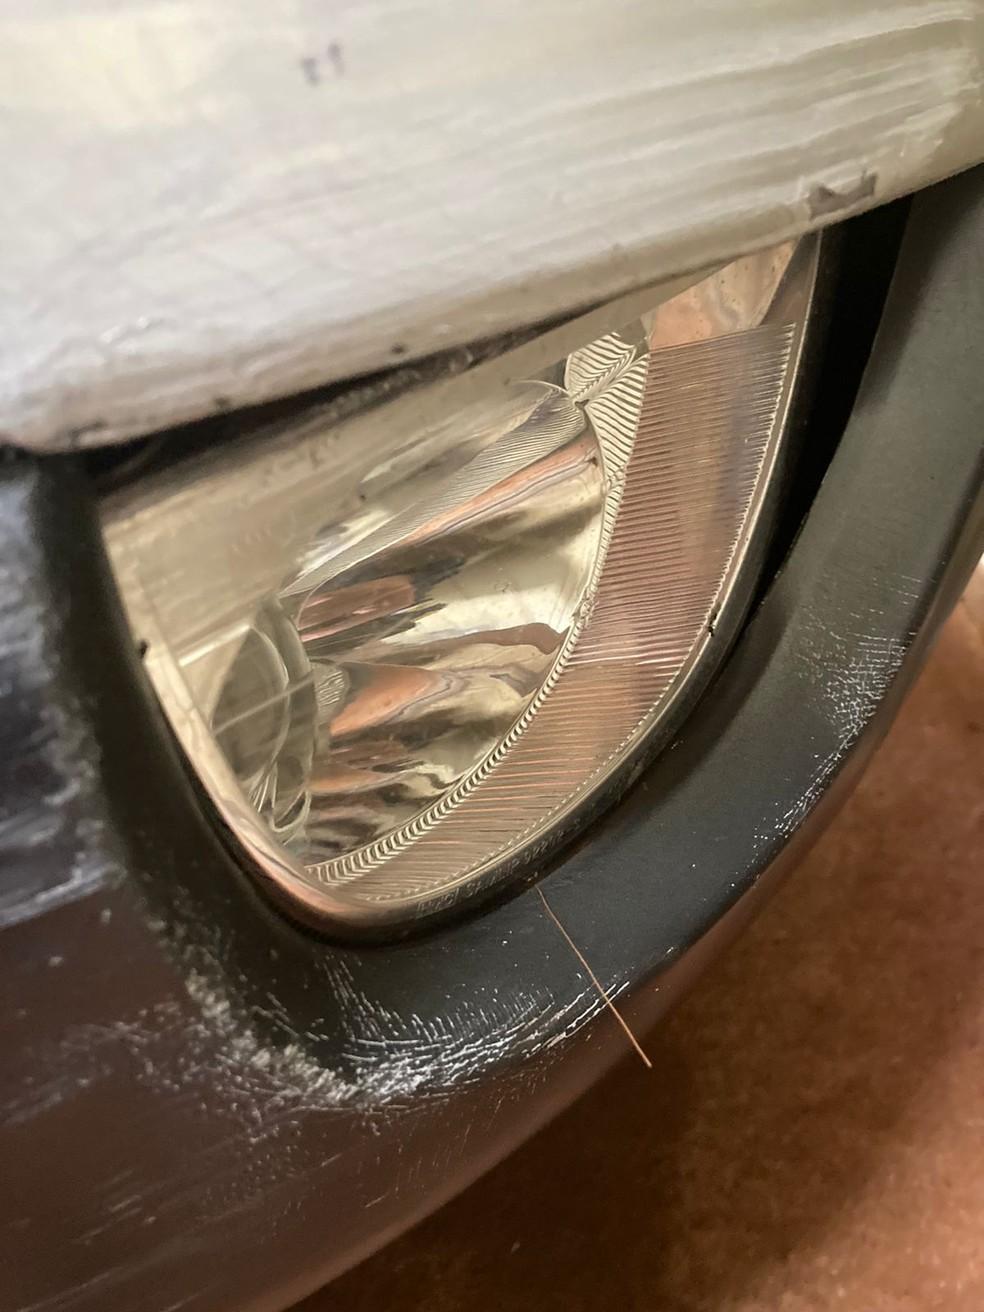 Pelo de capivara foi encontrado na parte da frente de carro do suspeito — Foto: Prefeitura de Apucarana/Divulgação